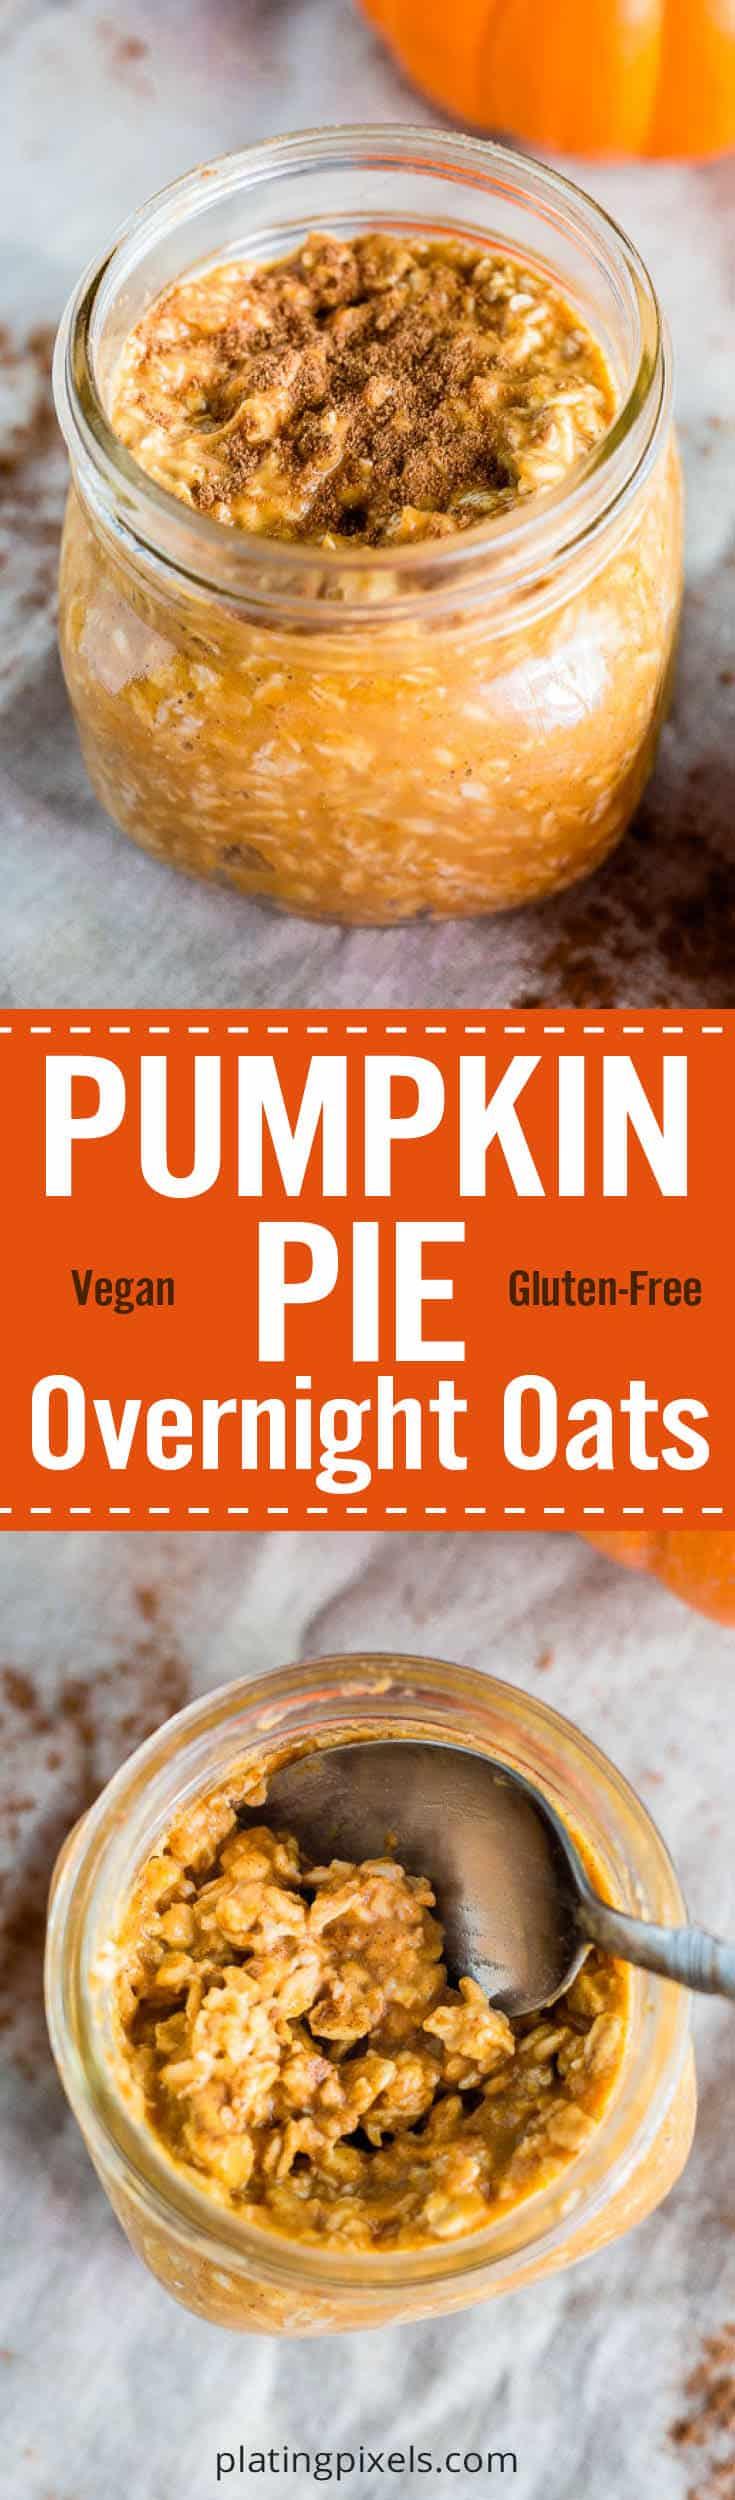 Vegan Pumpkin Pie Overnight Oats